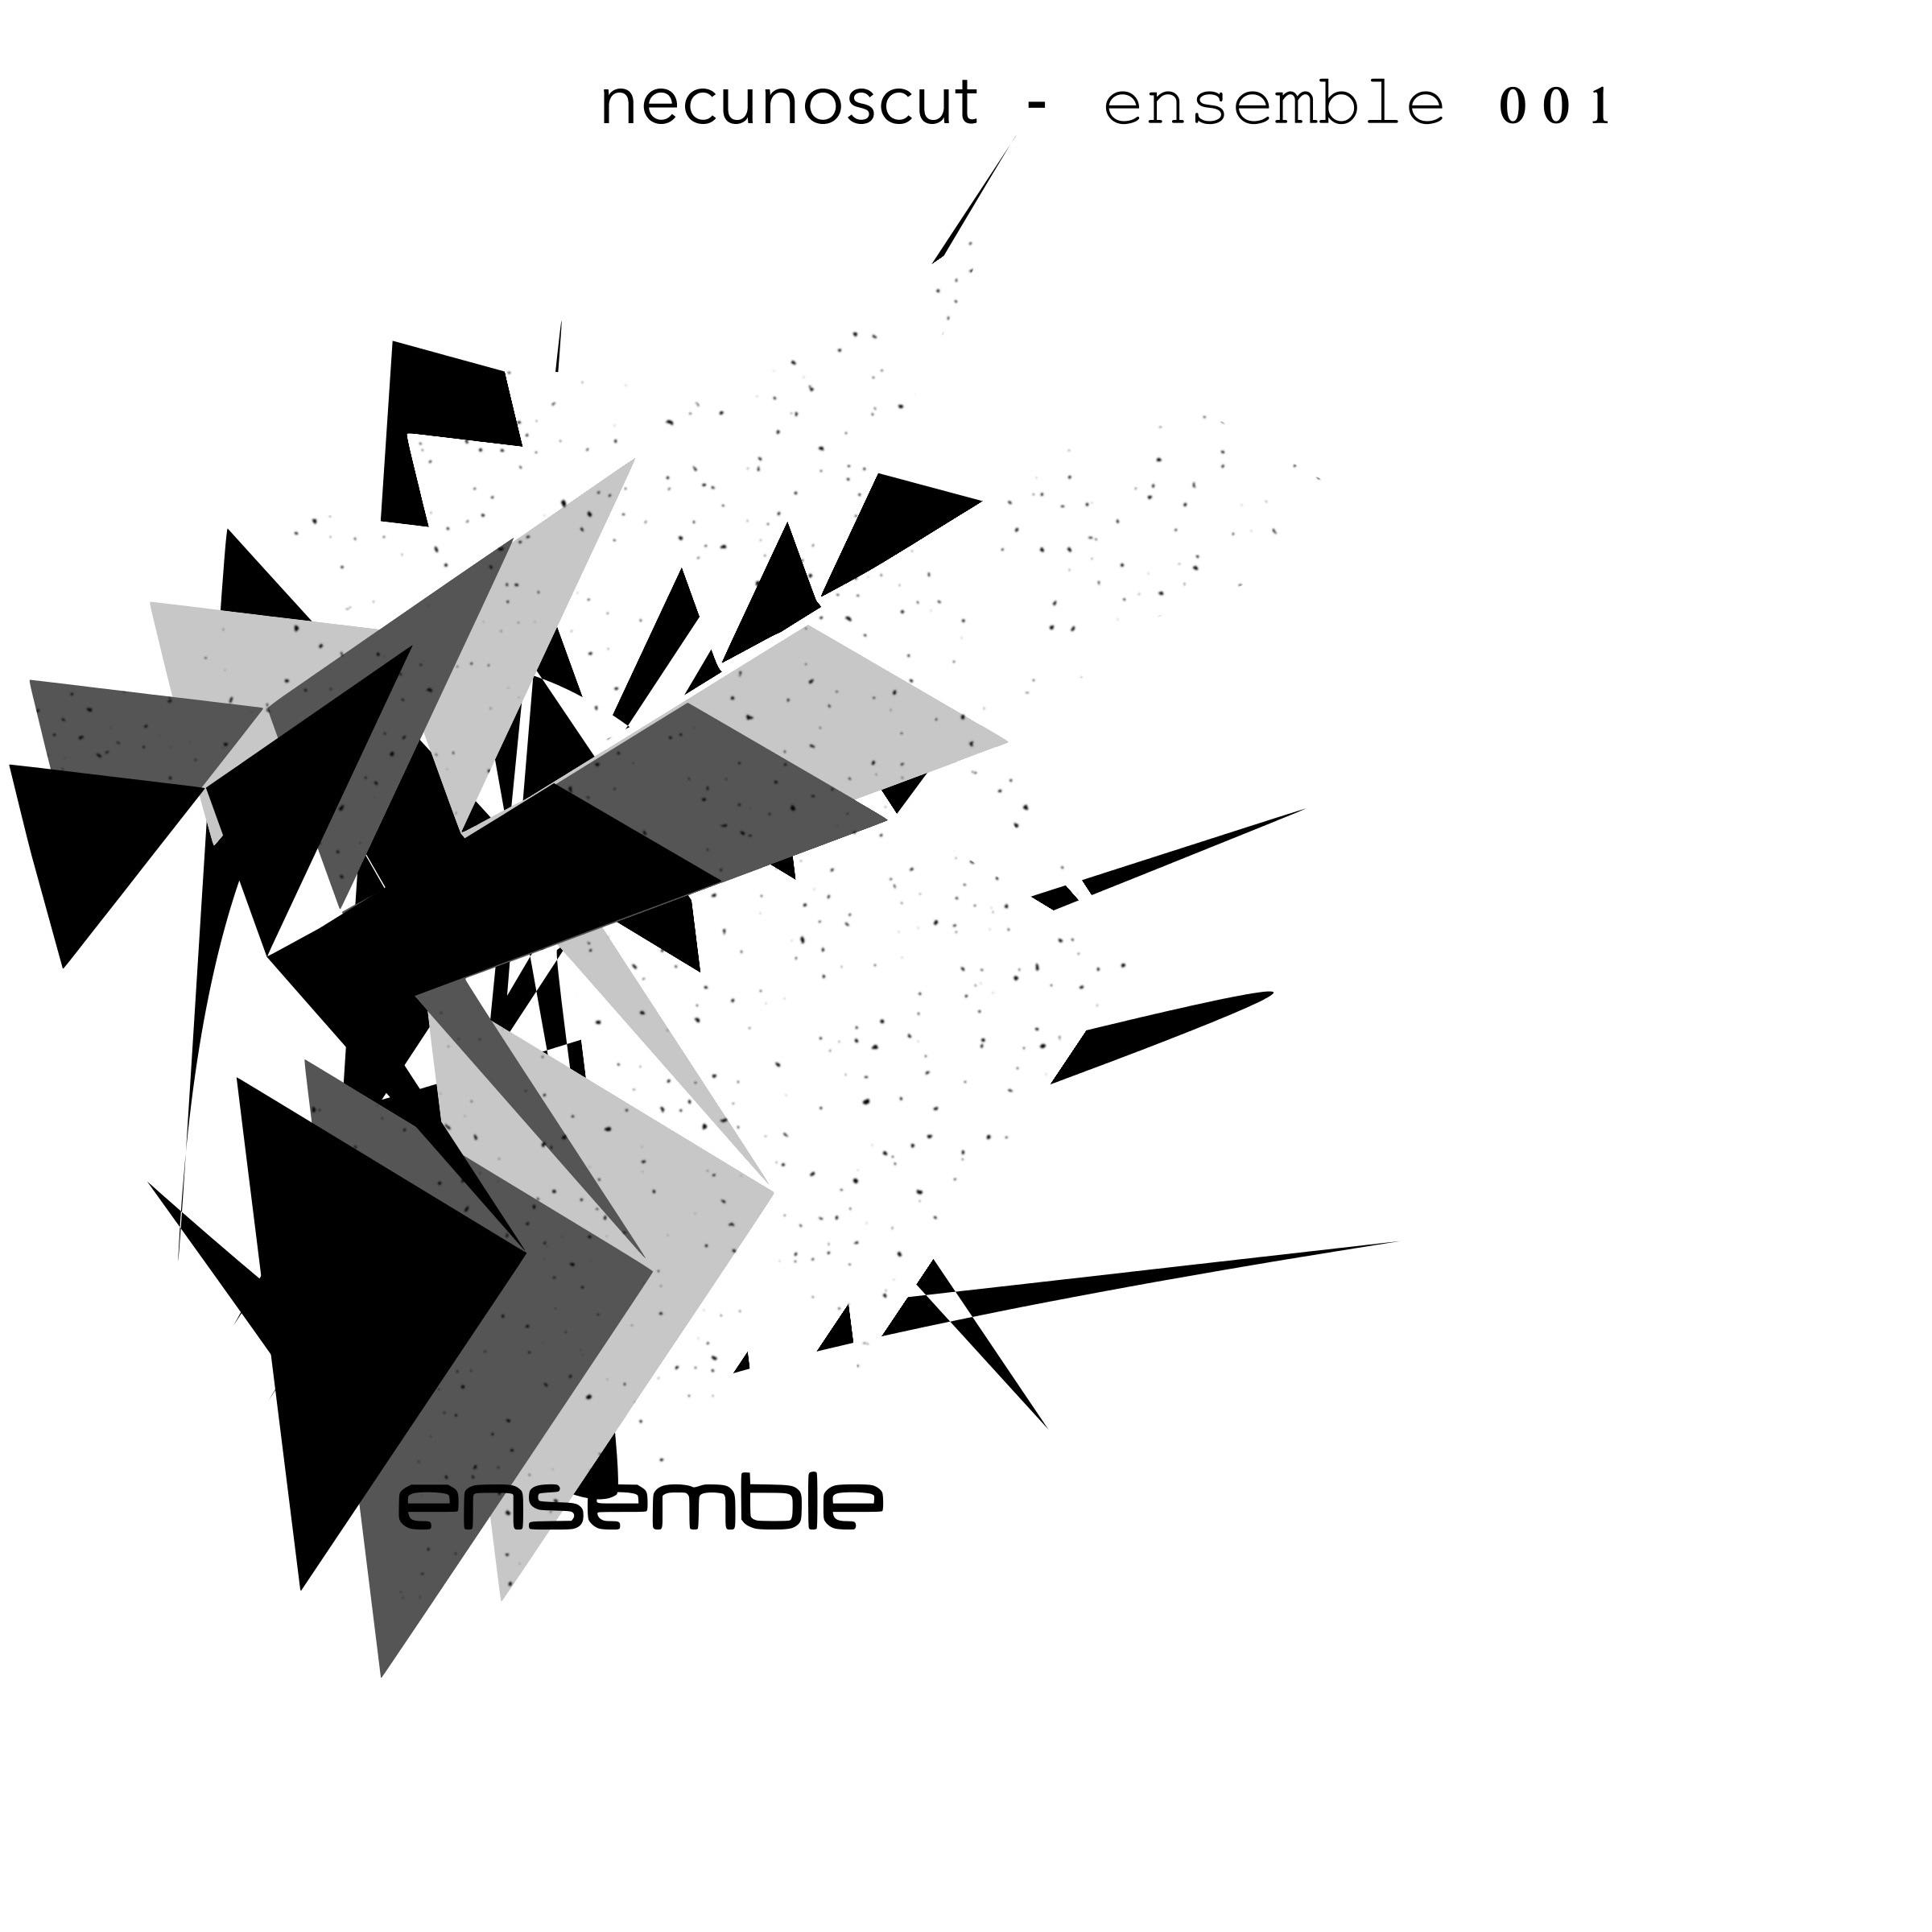 Ensemble 001